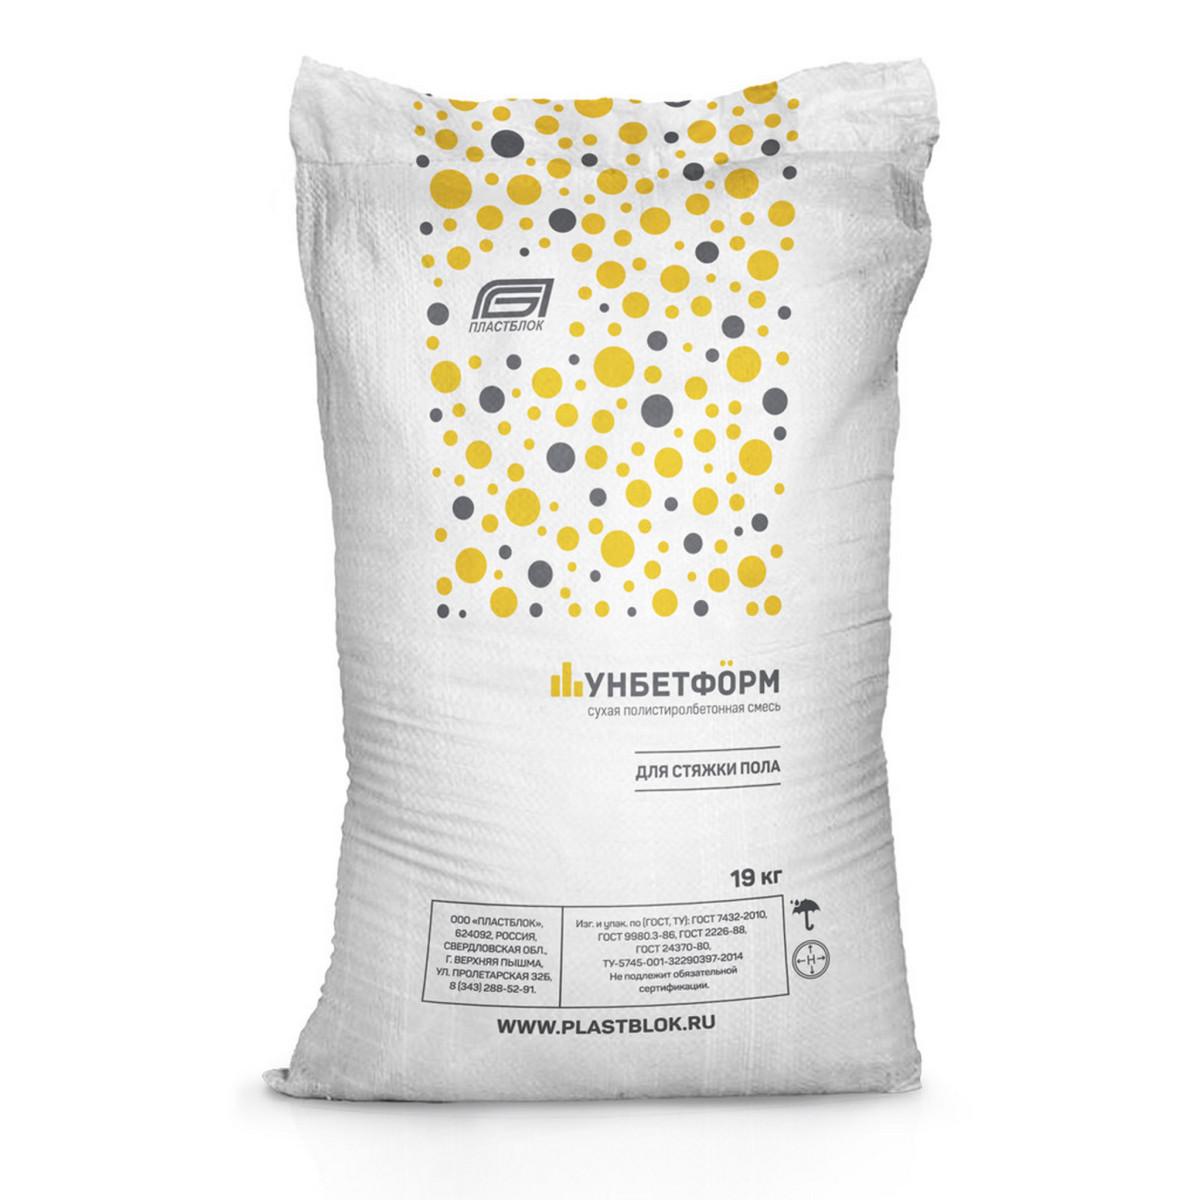 Смесь бетонная сухая купить екатеринбург керамзитобетона с пенобетоном сравнение